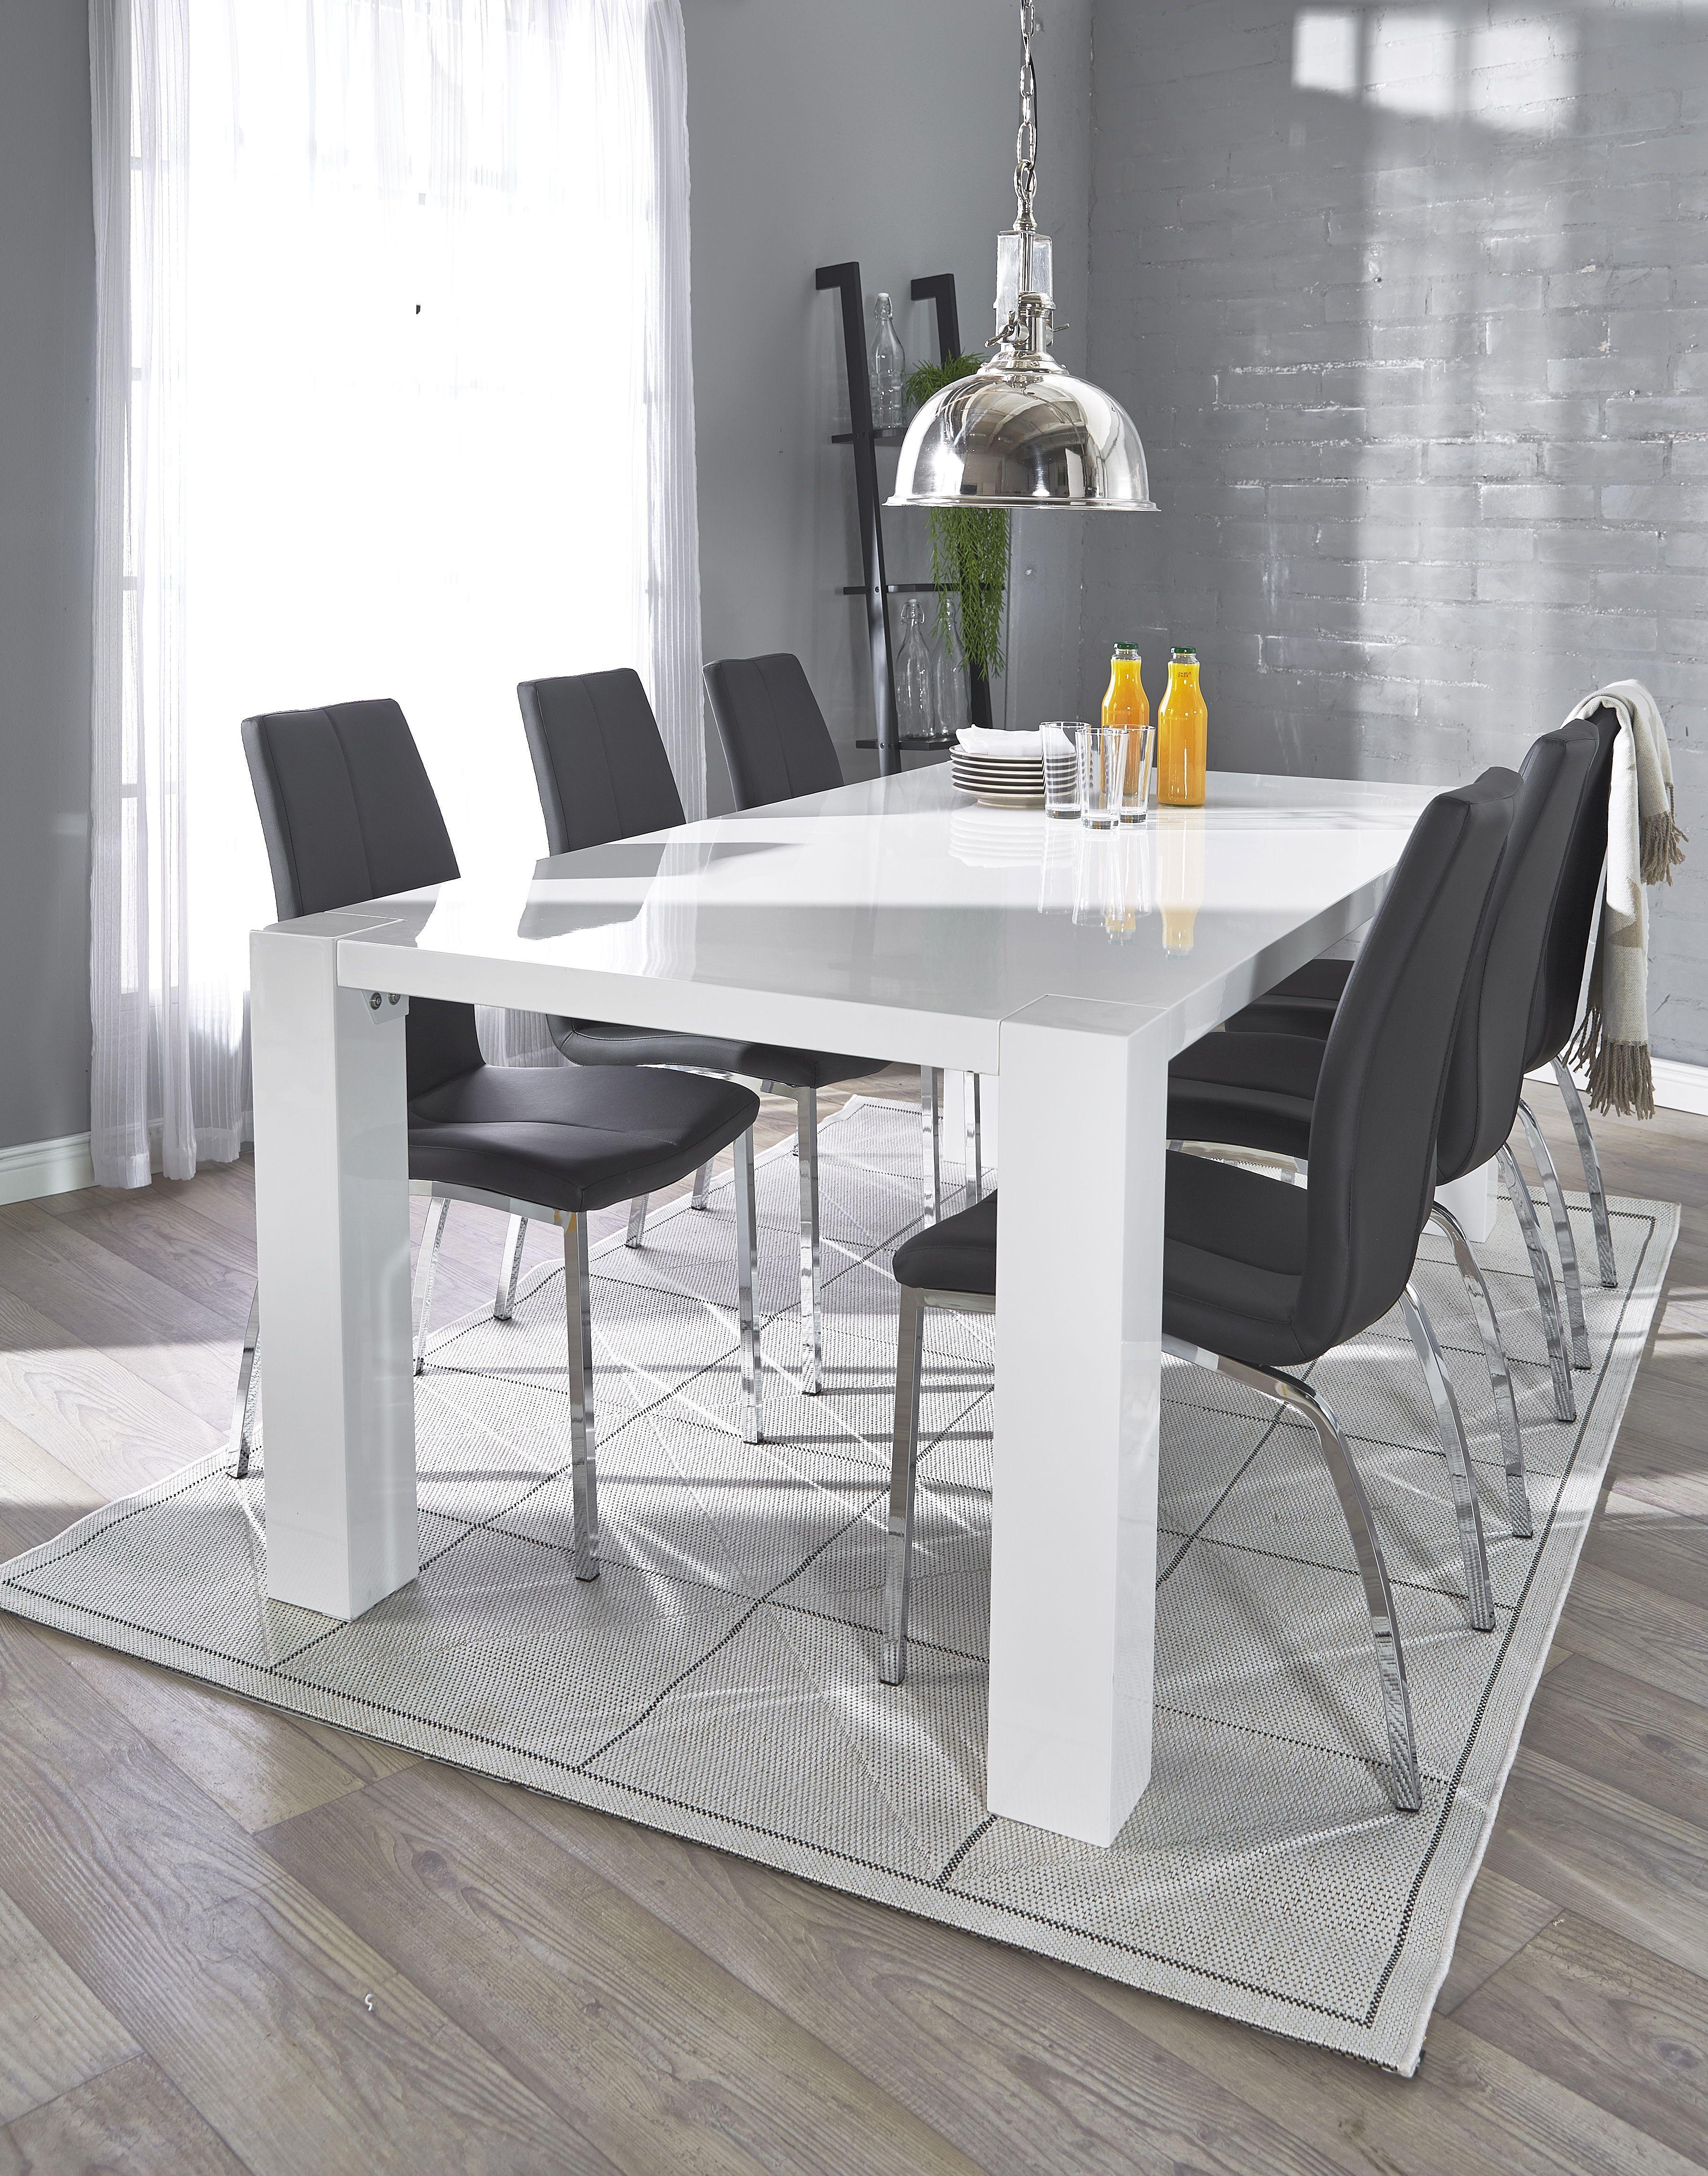 TWIST ruokapöytä ja 6 ASTON tuolia Musta tai valkoinen keinonahkaverhoilu, k